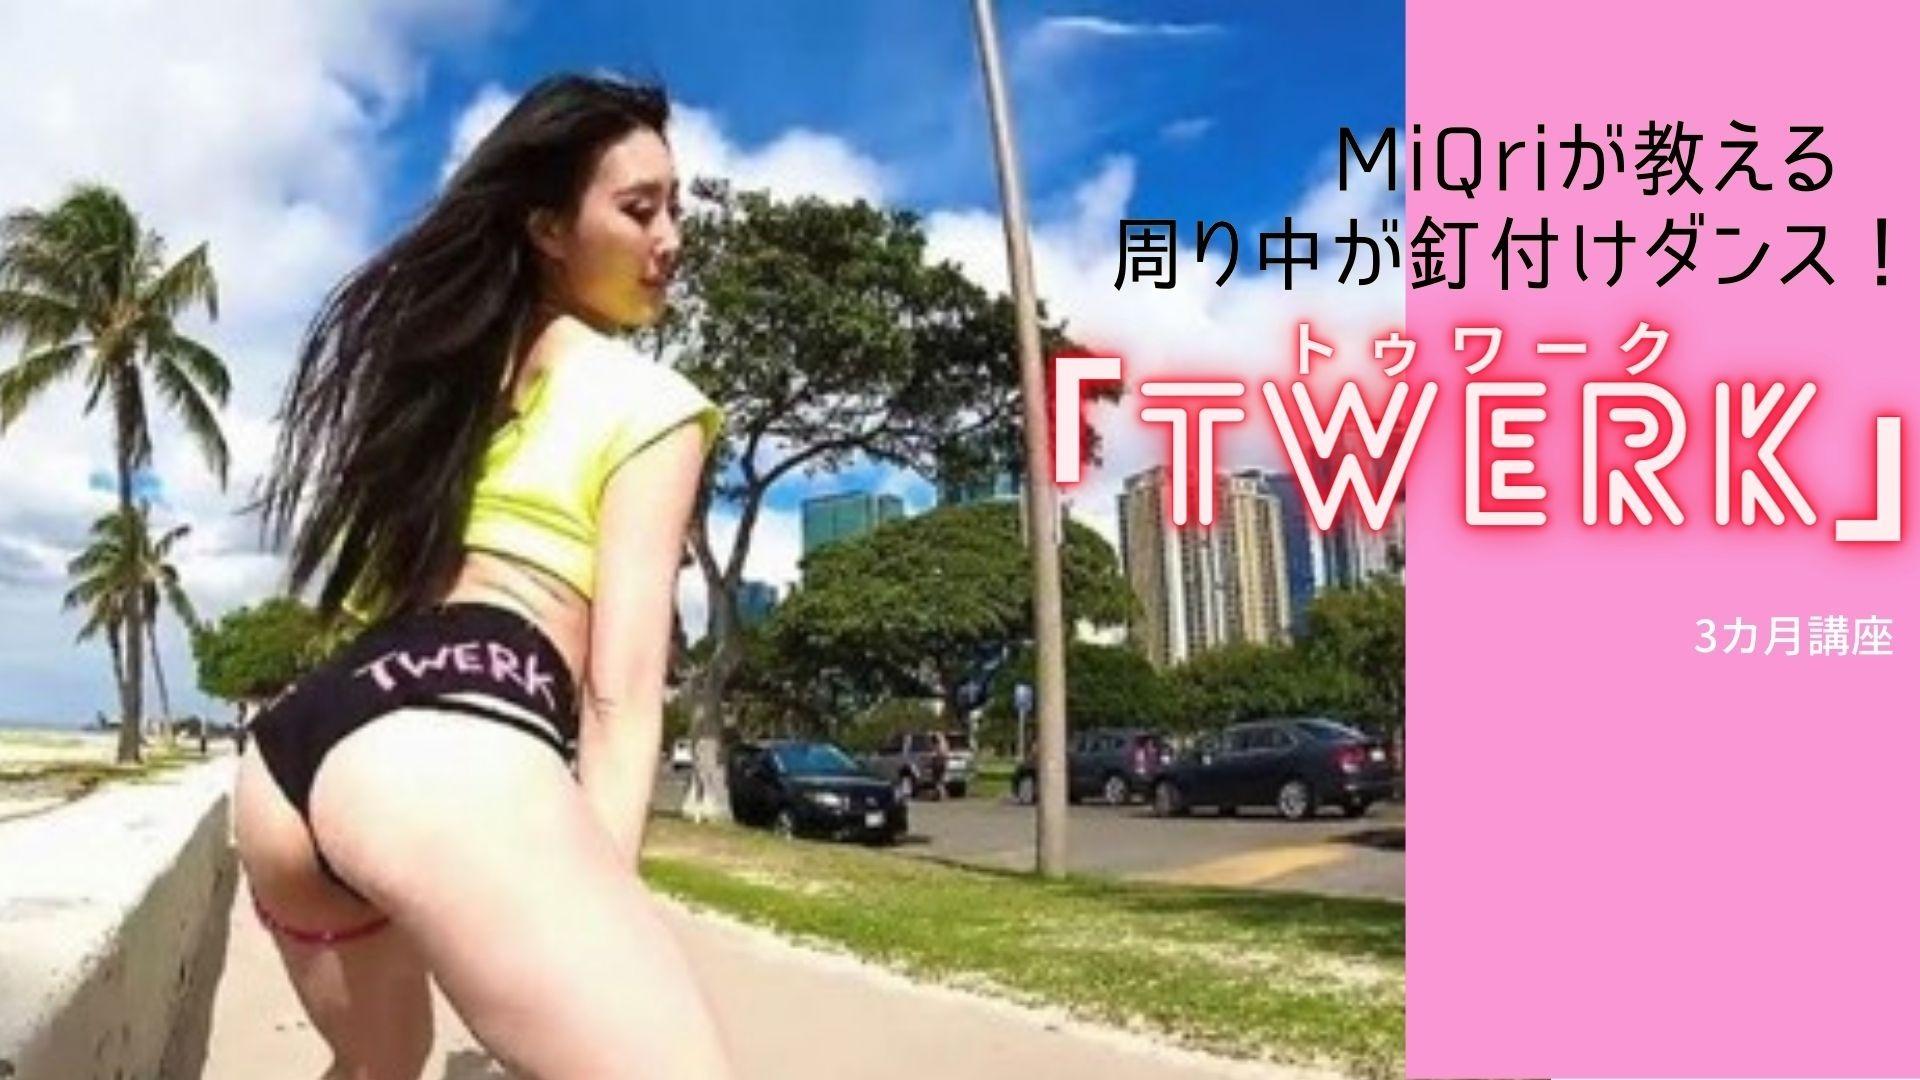 MiQriが教える 周り中が釘付けダンス「トゥワーク」3か月講座